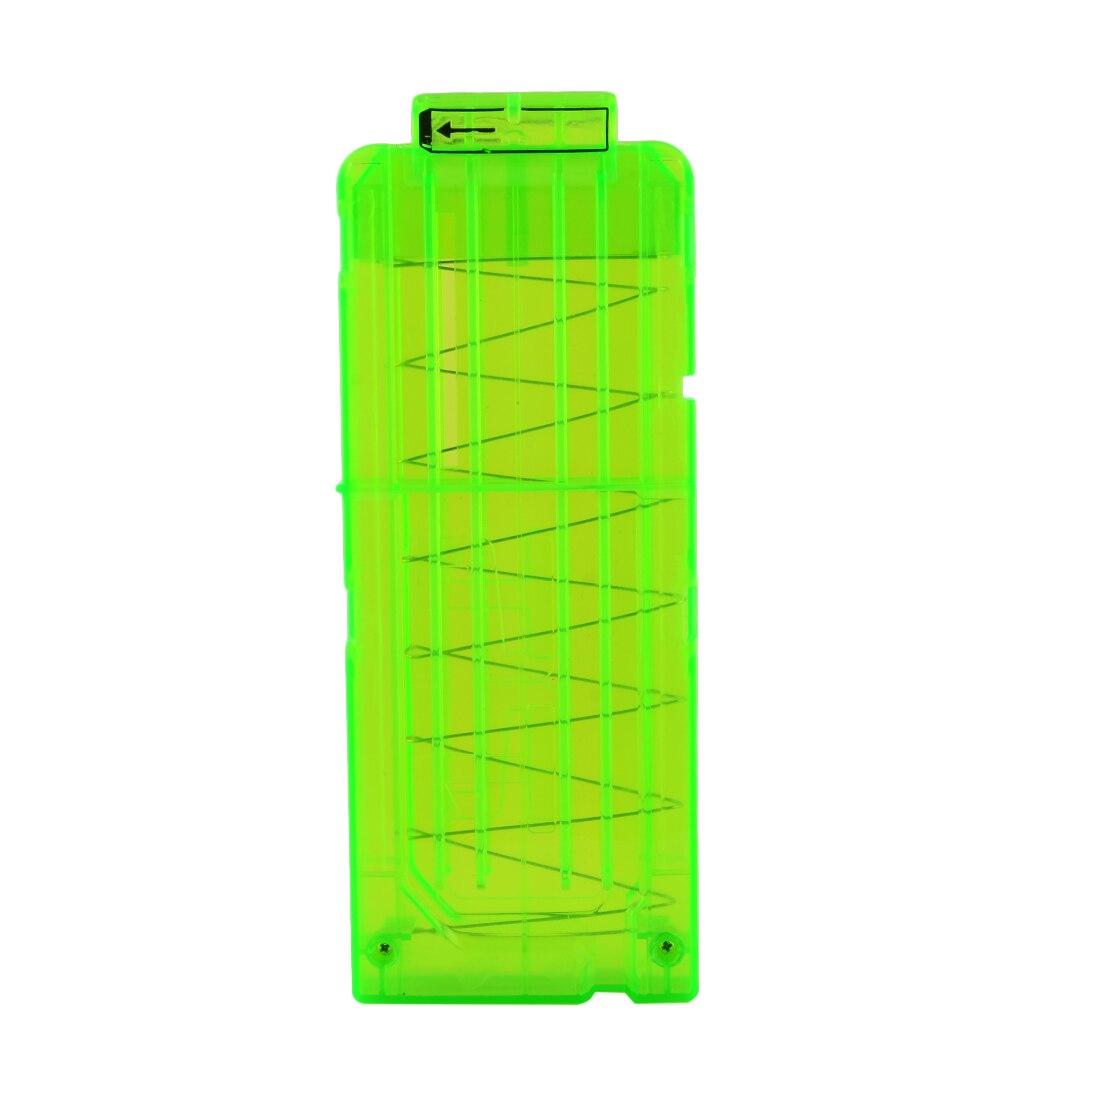 Survish Soft Bullet Clips til Nerf Toy Gun 12 Bullets Ammo Cartridge Dart til Nerf Gun Clips - Trasparent Green